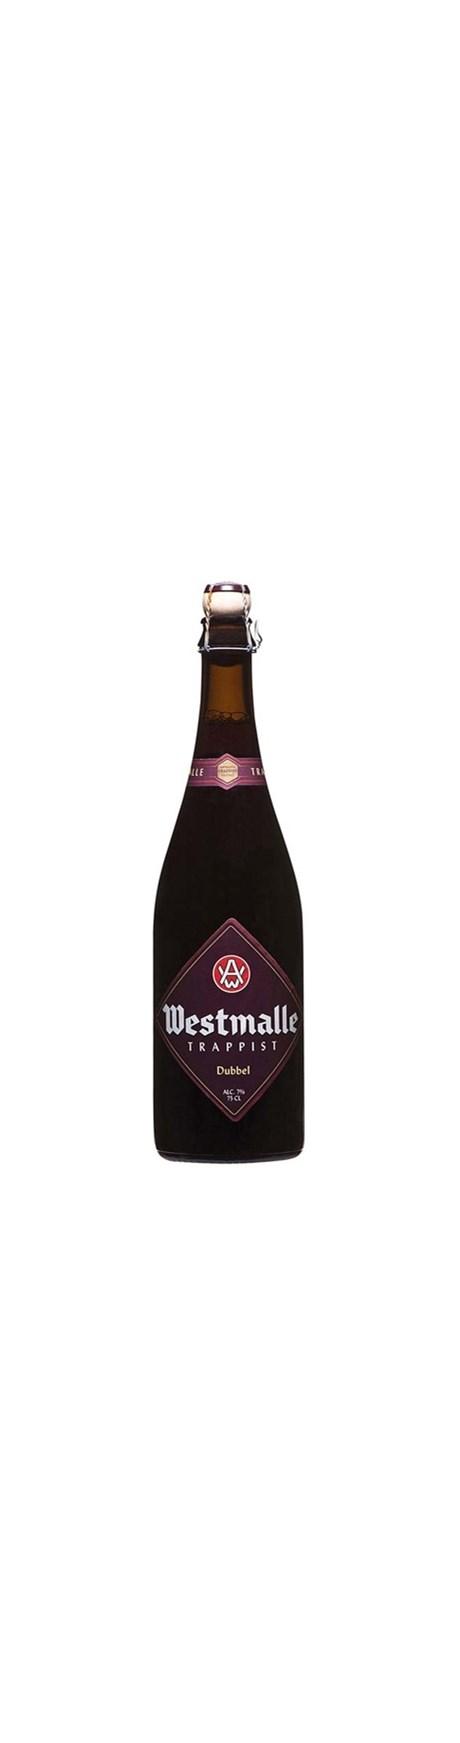 Westmalle Dubbel 750ml